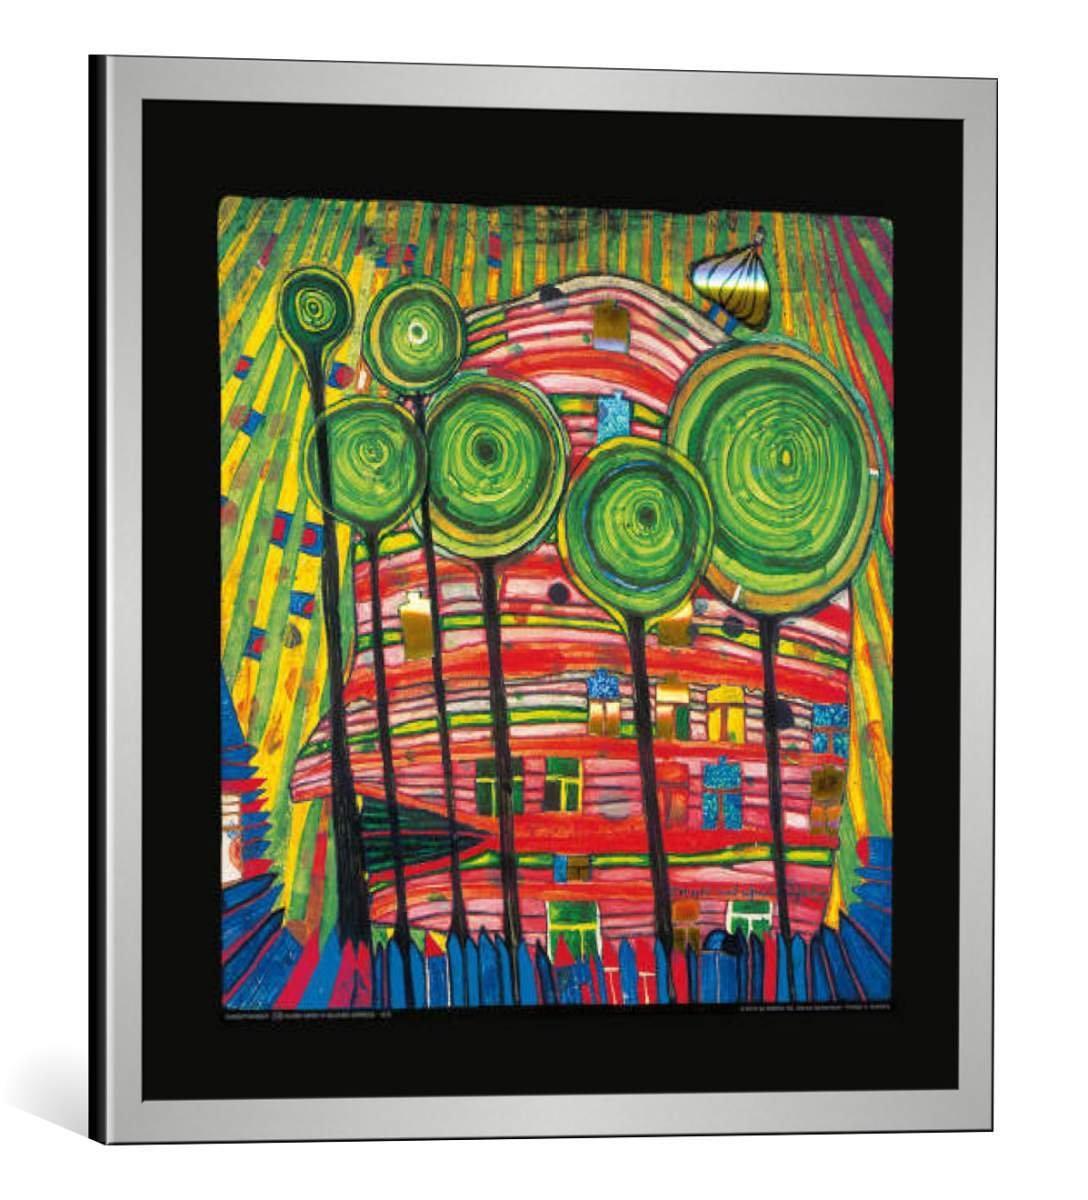 kunst für alle Bild mit Bilder-Rahmen: Friedensreich Hundertwasser Dingsdas wachsen in geliebten Gärten - dekorativer Kunstdruck, hochwertig gerahmt, 48x48 cm, Silber gebürstet